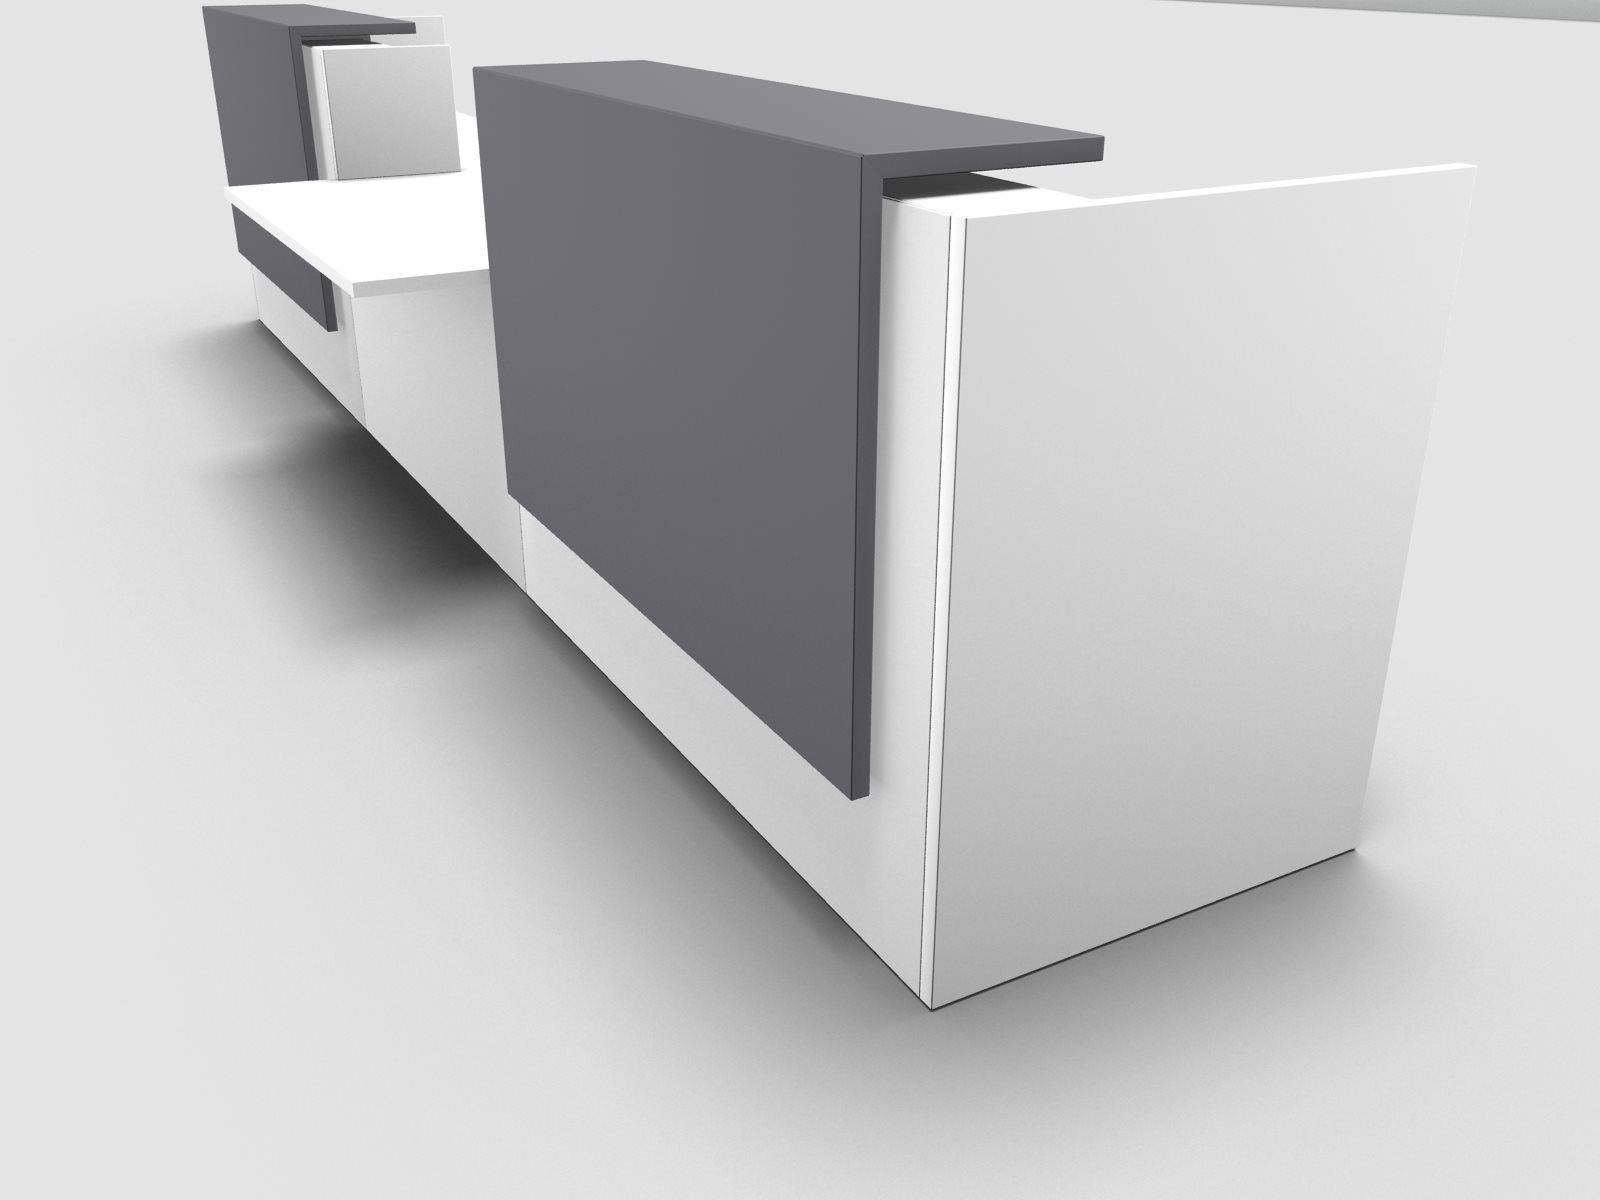 Büromöbel preiswert und schnell - Quadrifoglio Z2 Empfangstheke C41 ...